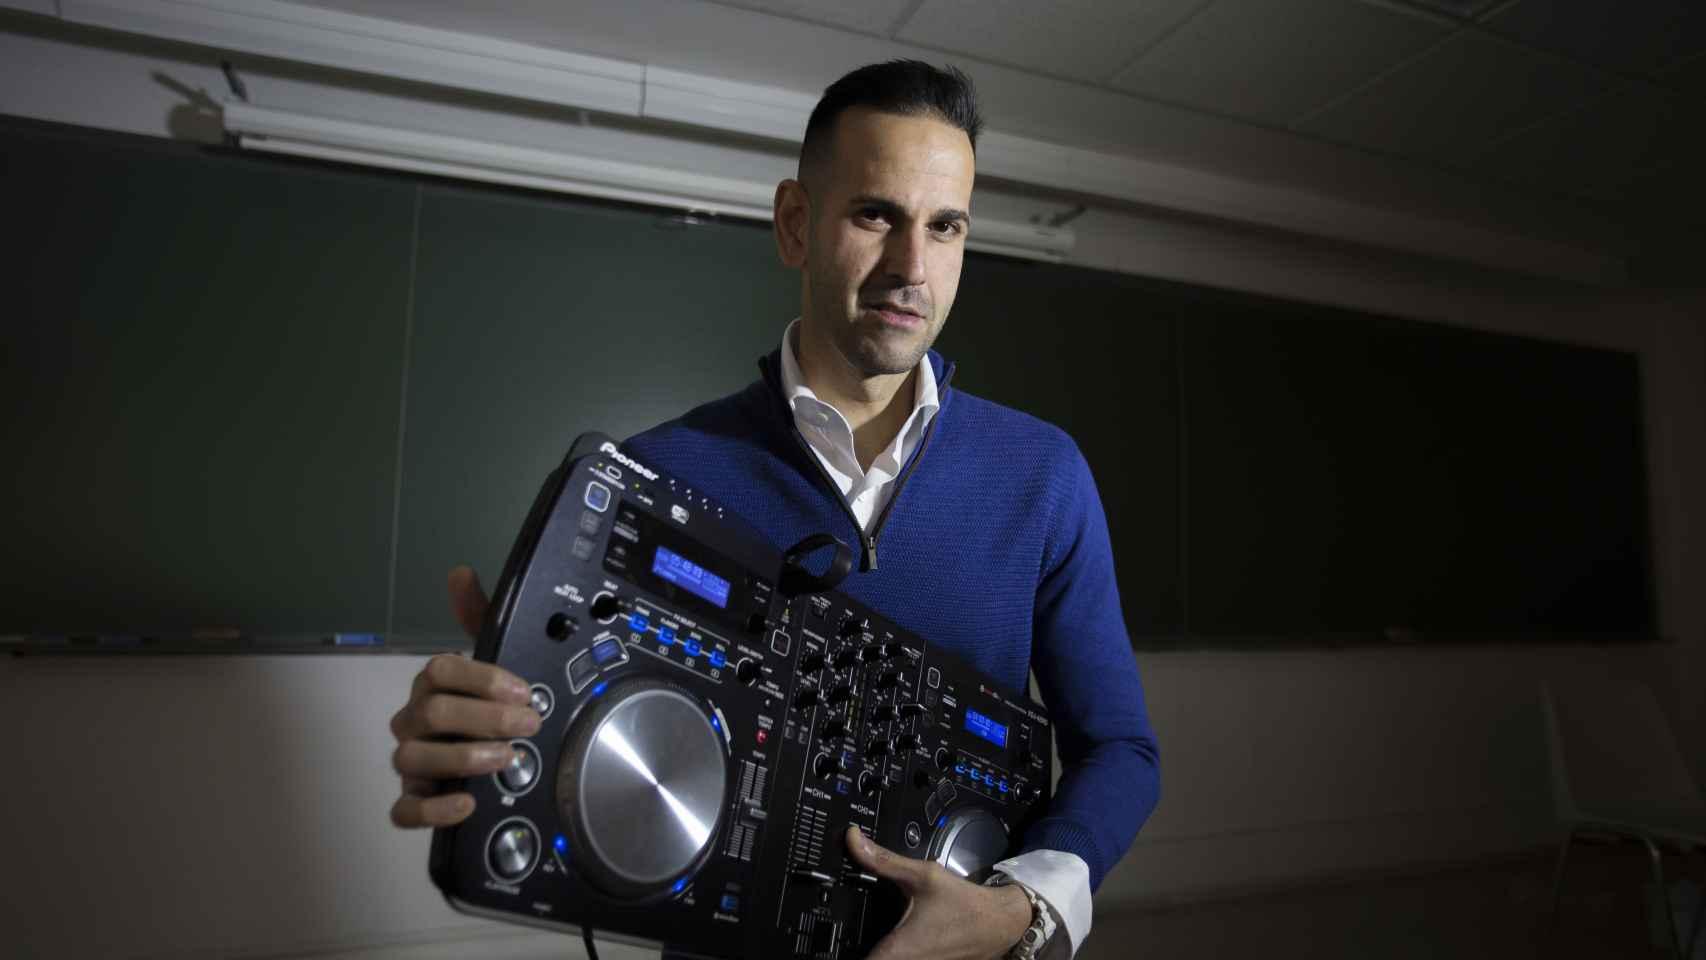 Deepak Daswani, experto en contraseñas, sostiene una mesa de mezclas que es capaz de hackear a través de un teléfono móvil.